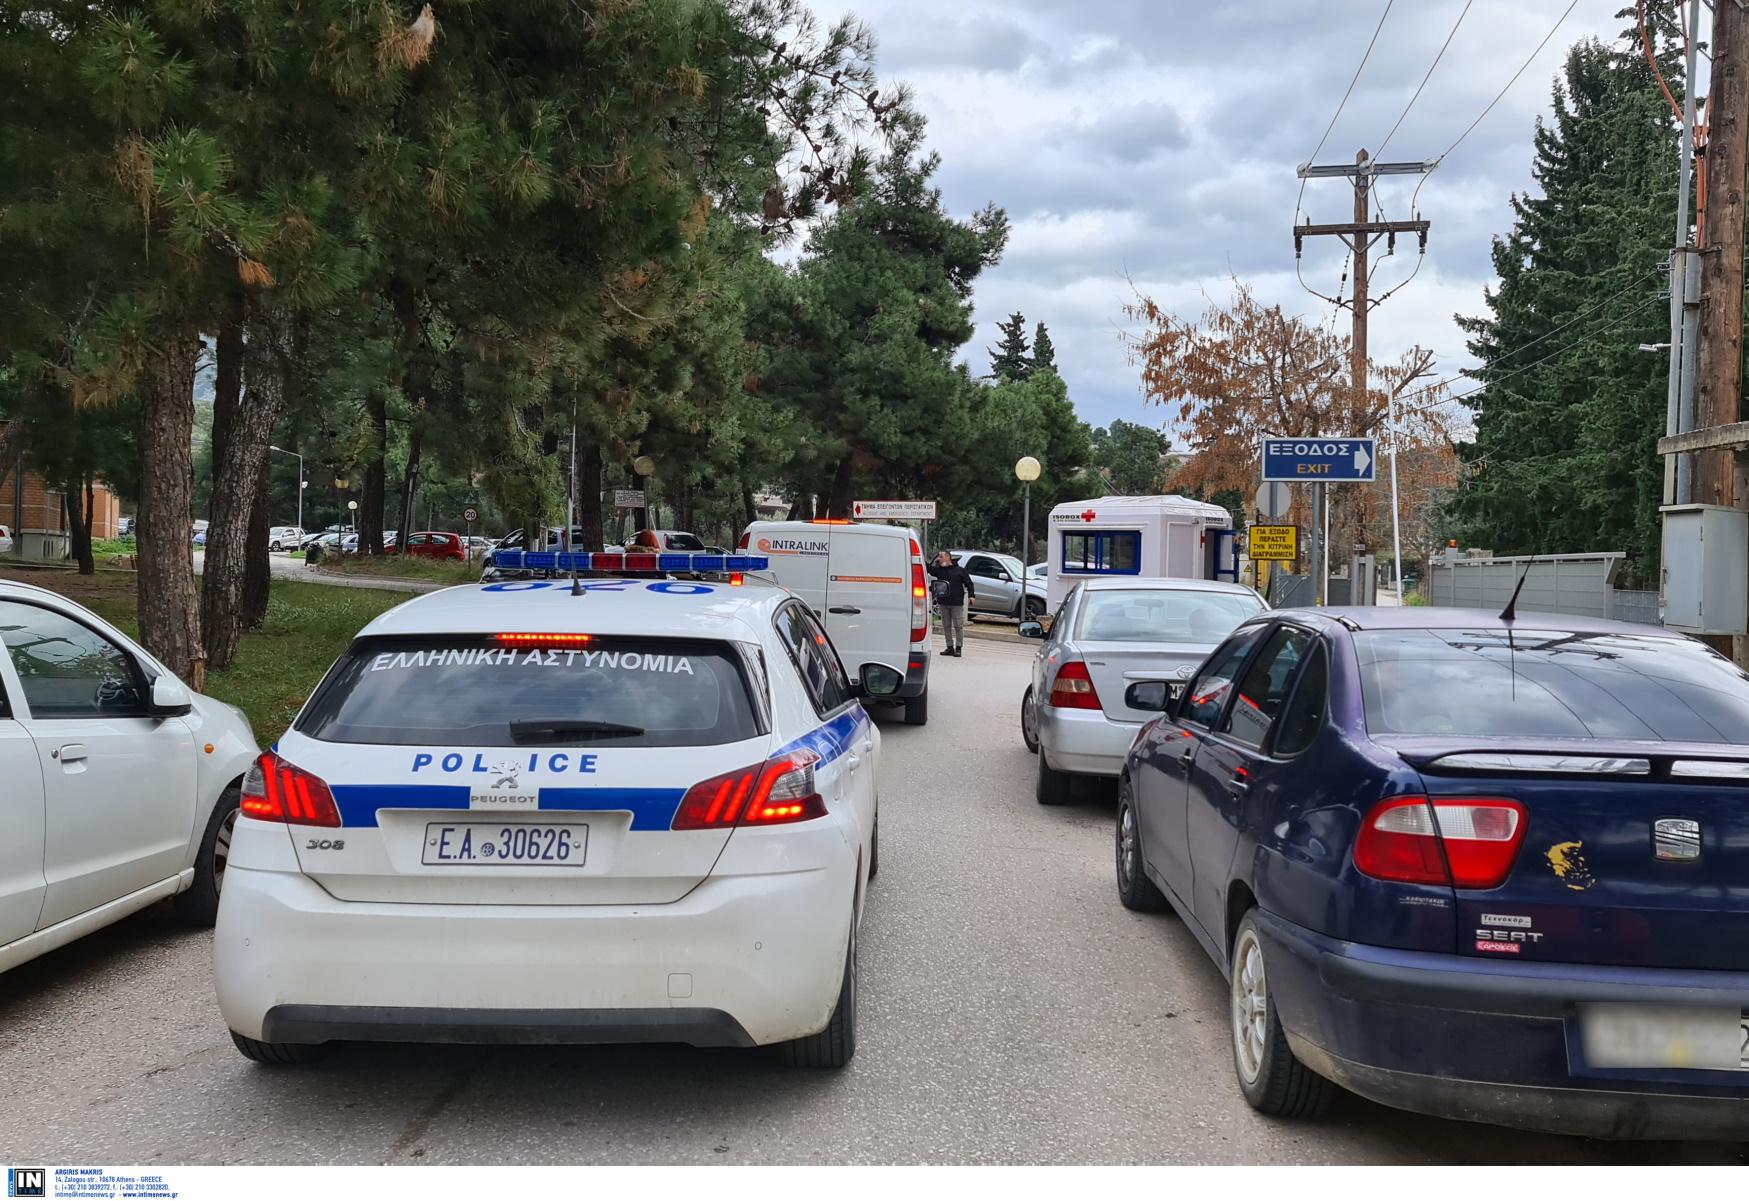 Λαμία: Αστυνομικοί και αντιεξουσιαστές έξω από το νοσοκομείο για τον Γιάννη Δημητράκη